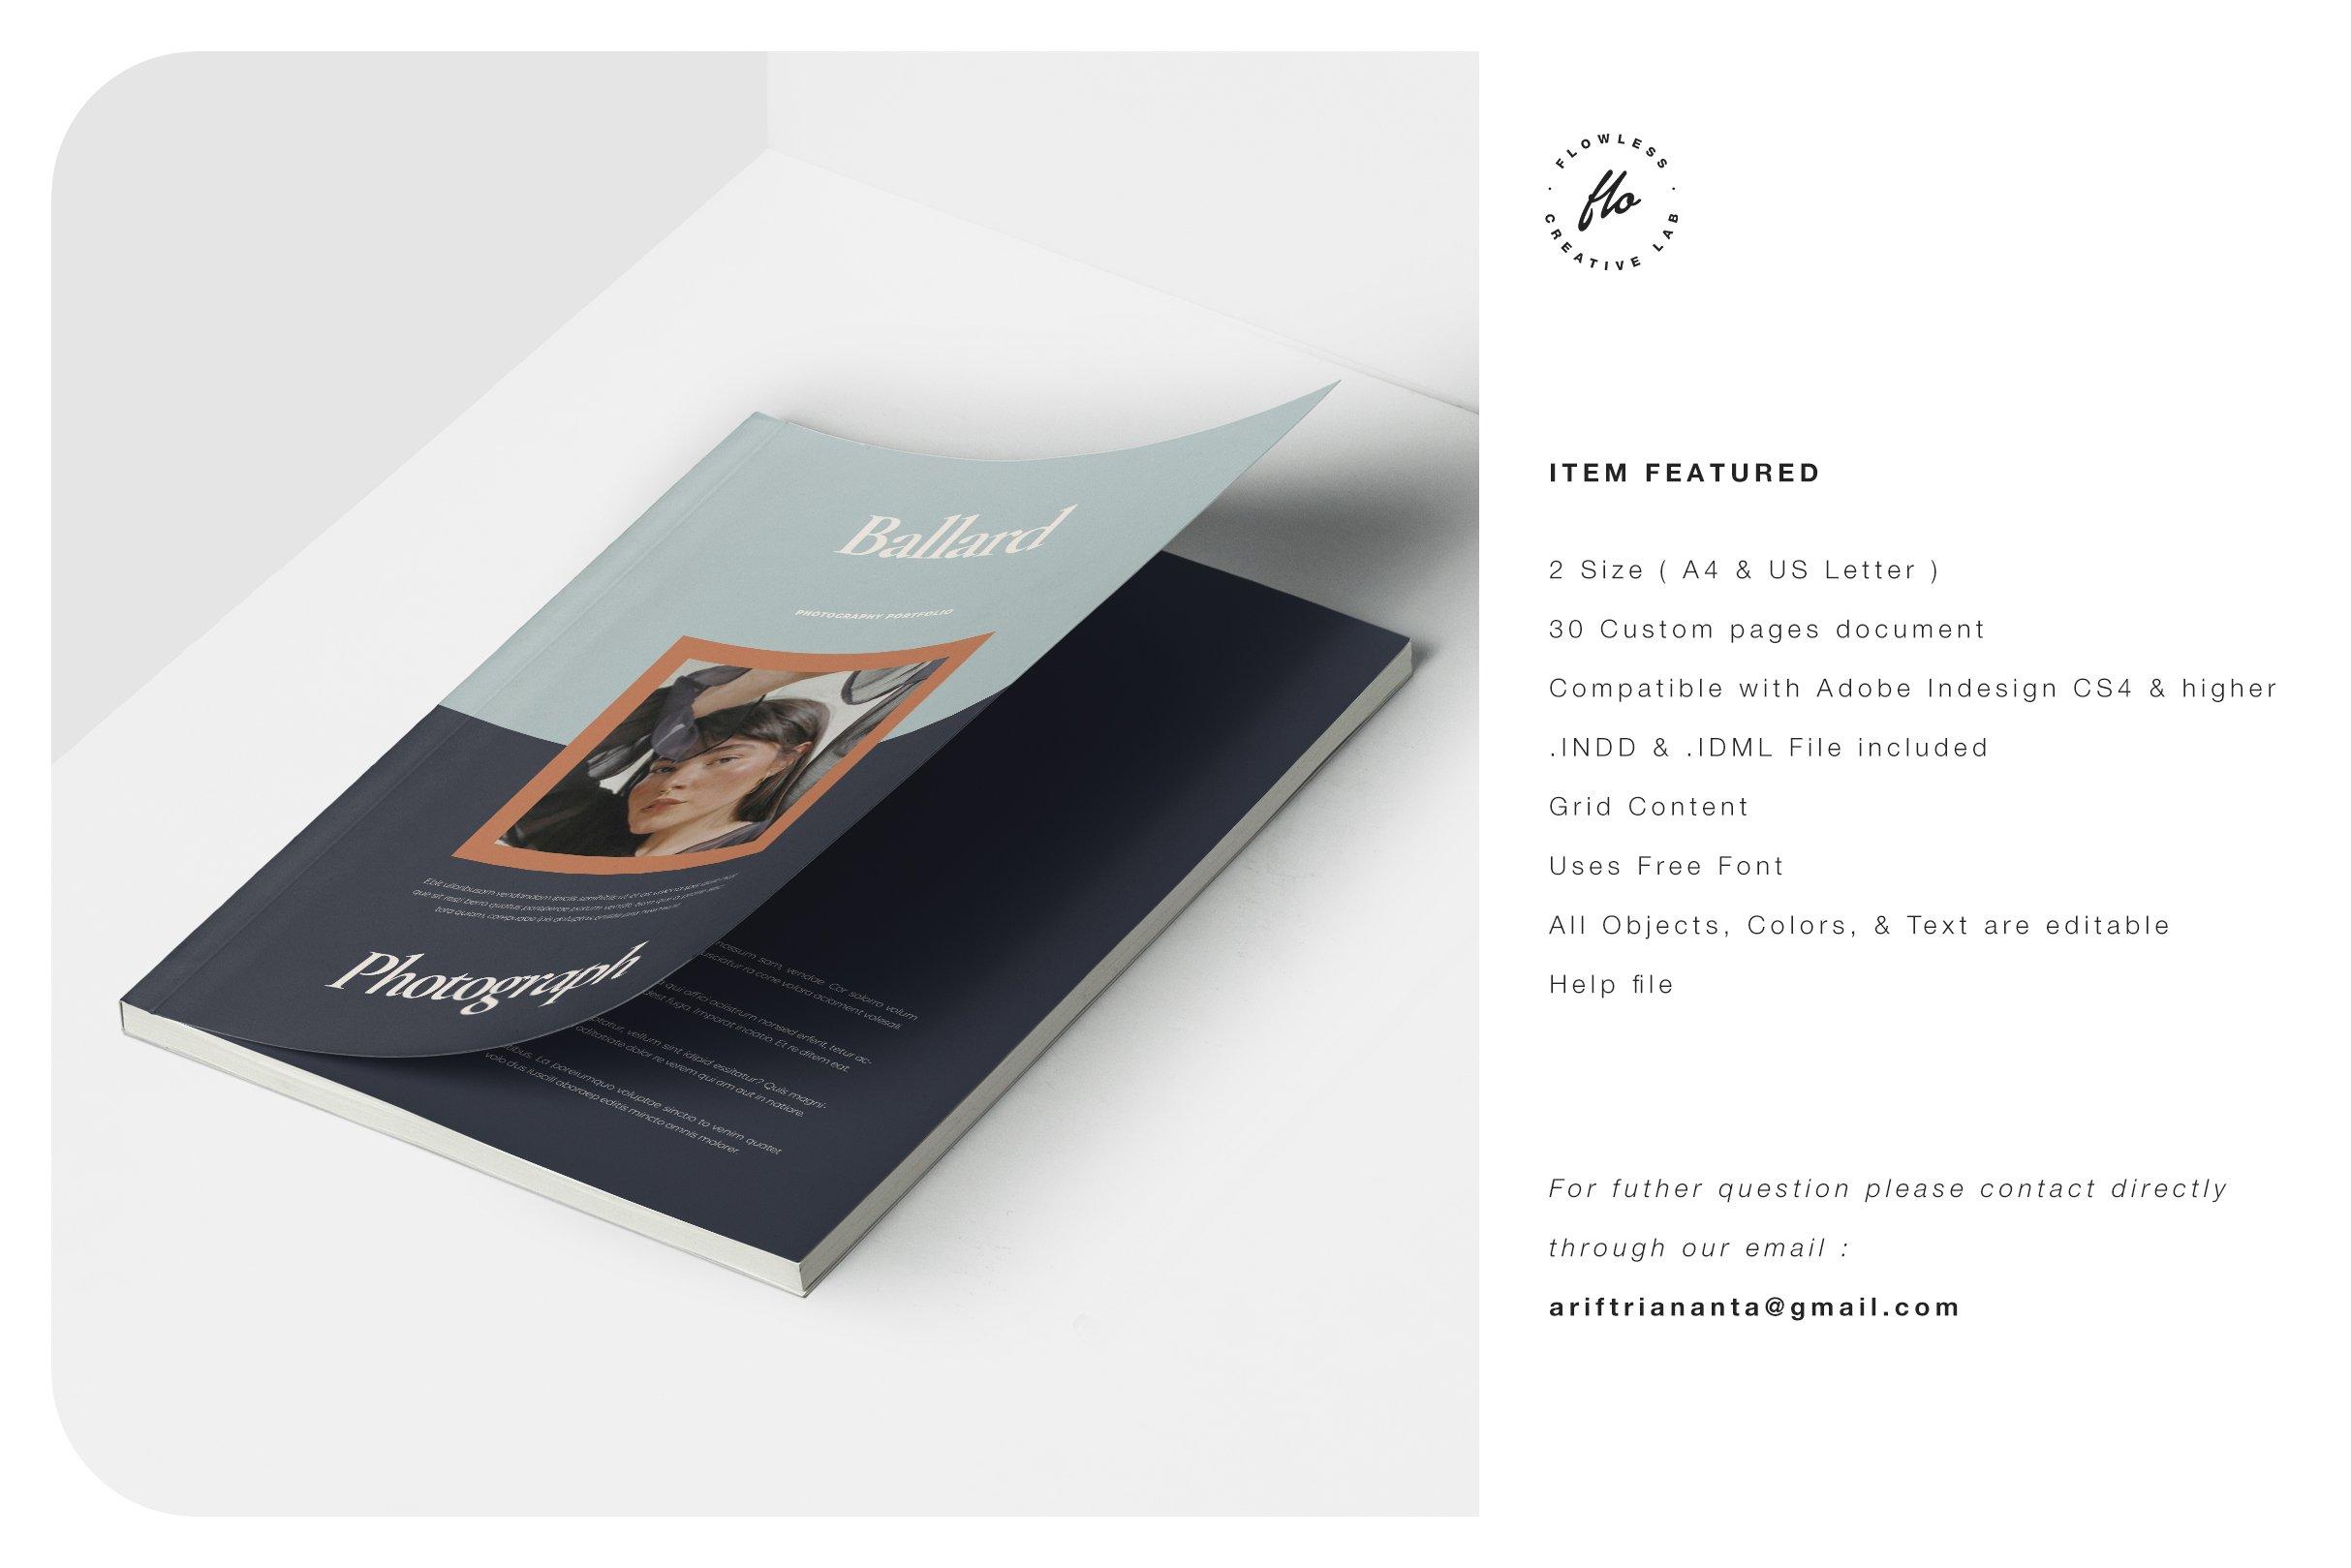 现代优雅摄影作品集图文排版设计INDD画册模板 BALLARD Photography Portfolio插图(5)